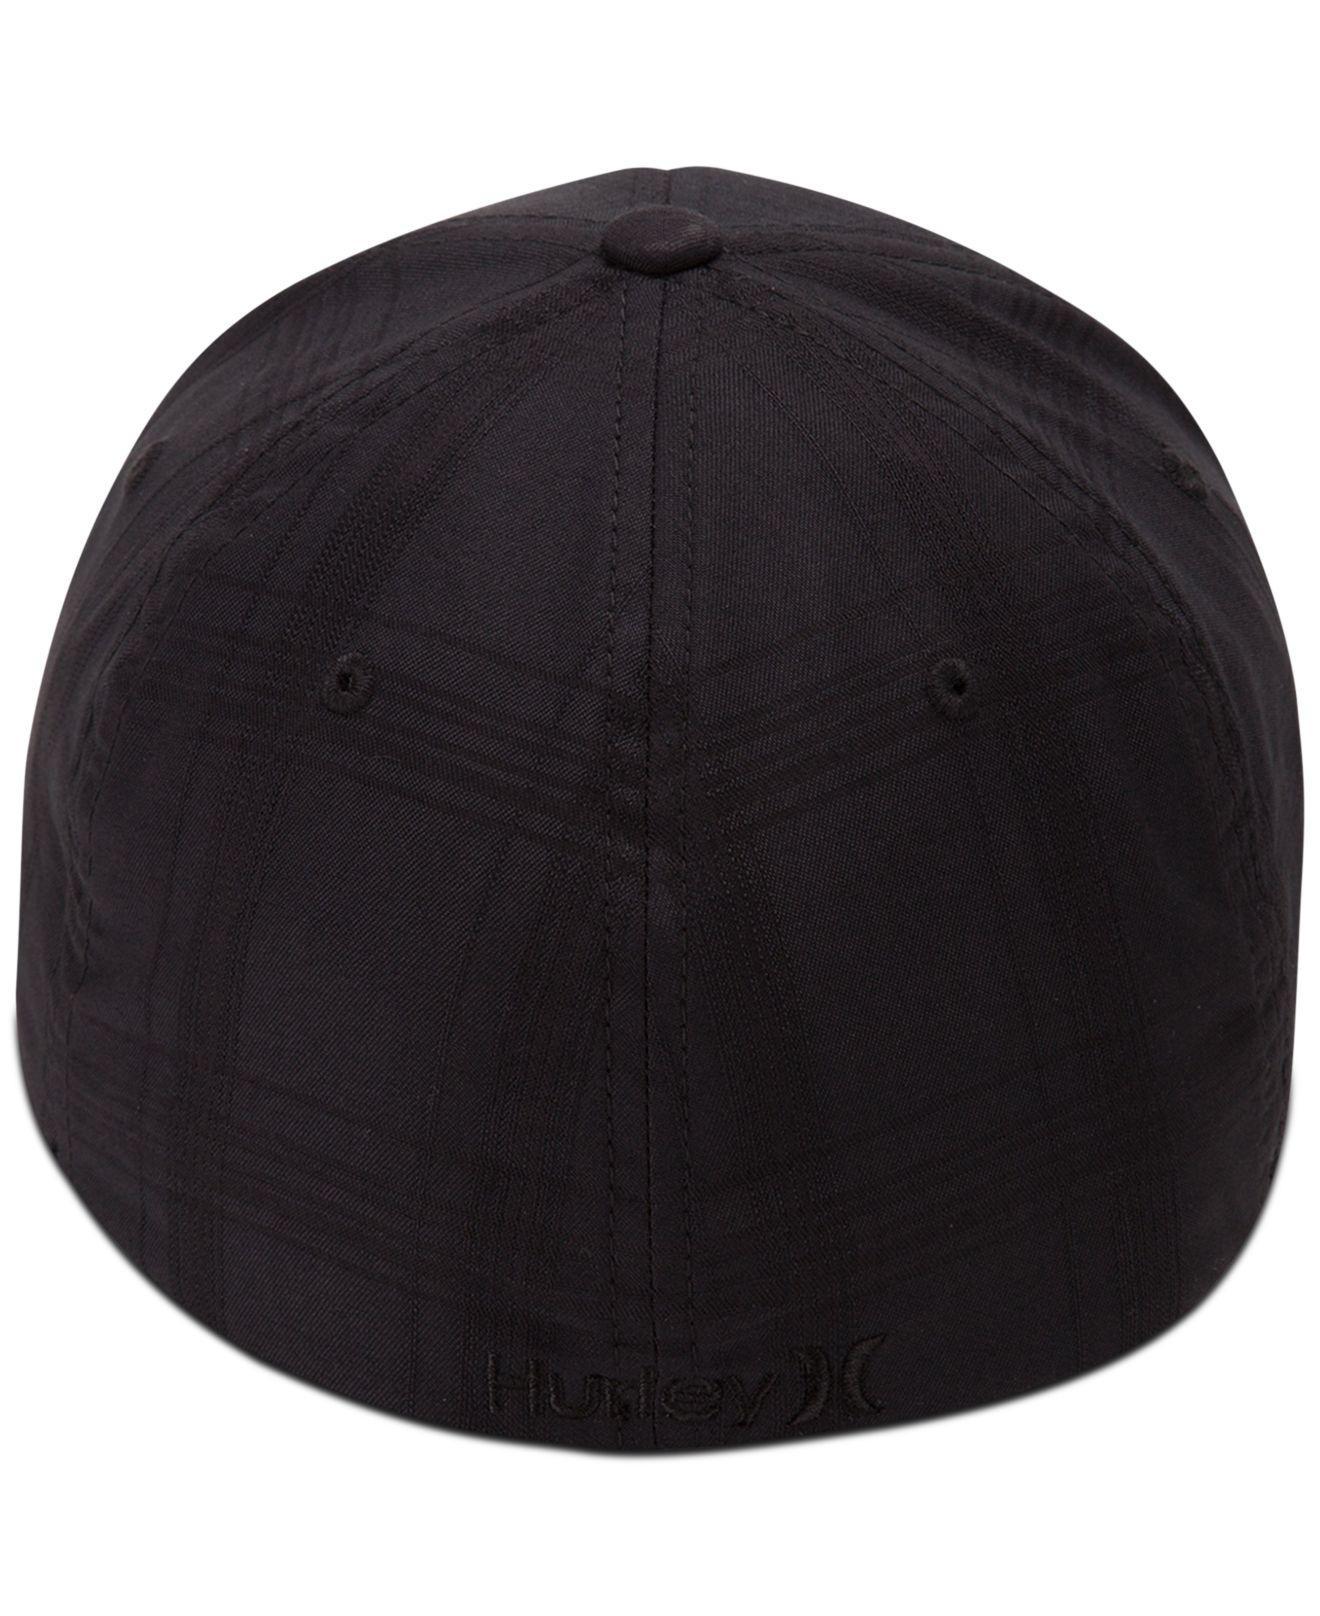 half off 7555c d03fc sweden lyst hurley mens textured plaid embroidered logo flexfit hat in black  for men 00889 22481